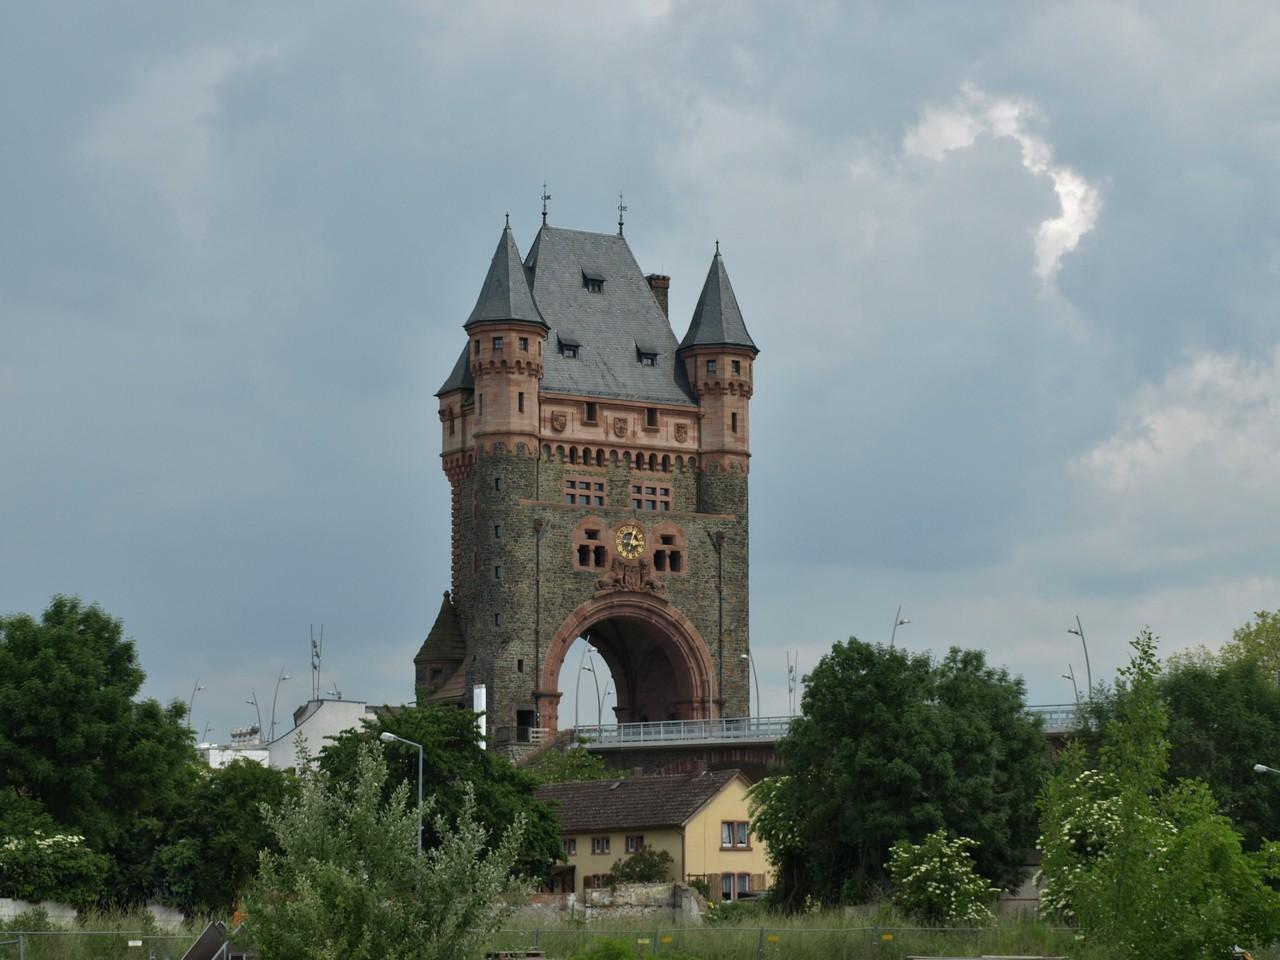 Le pont sur le Rhin.